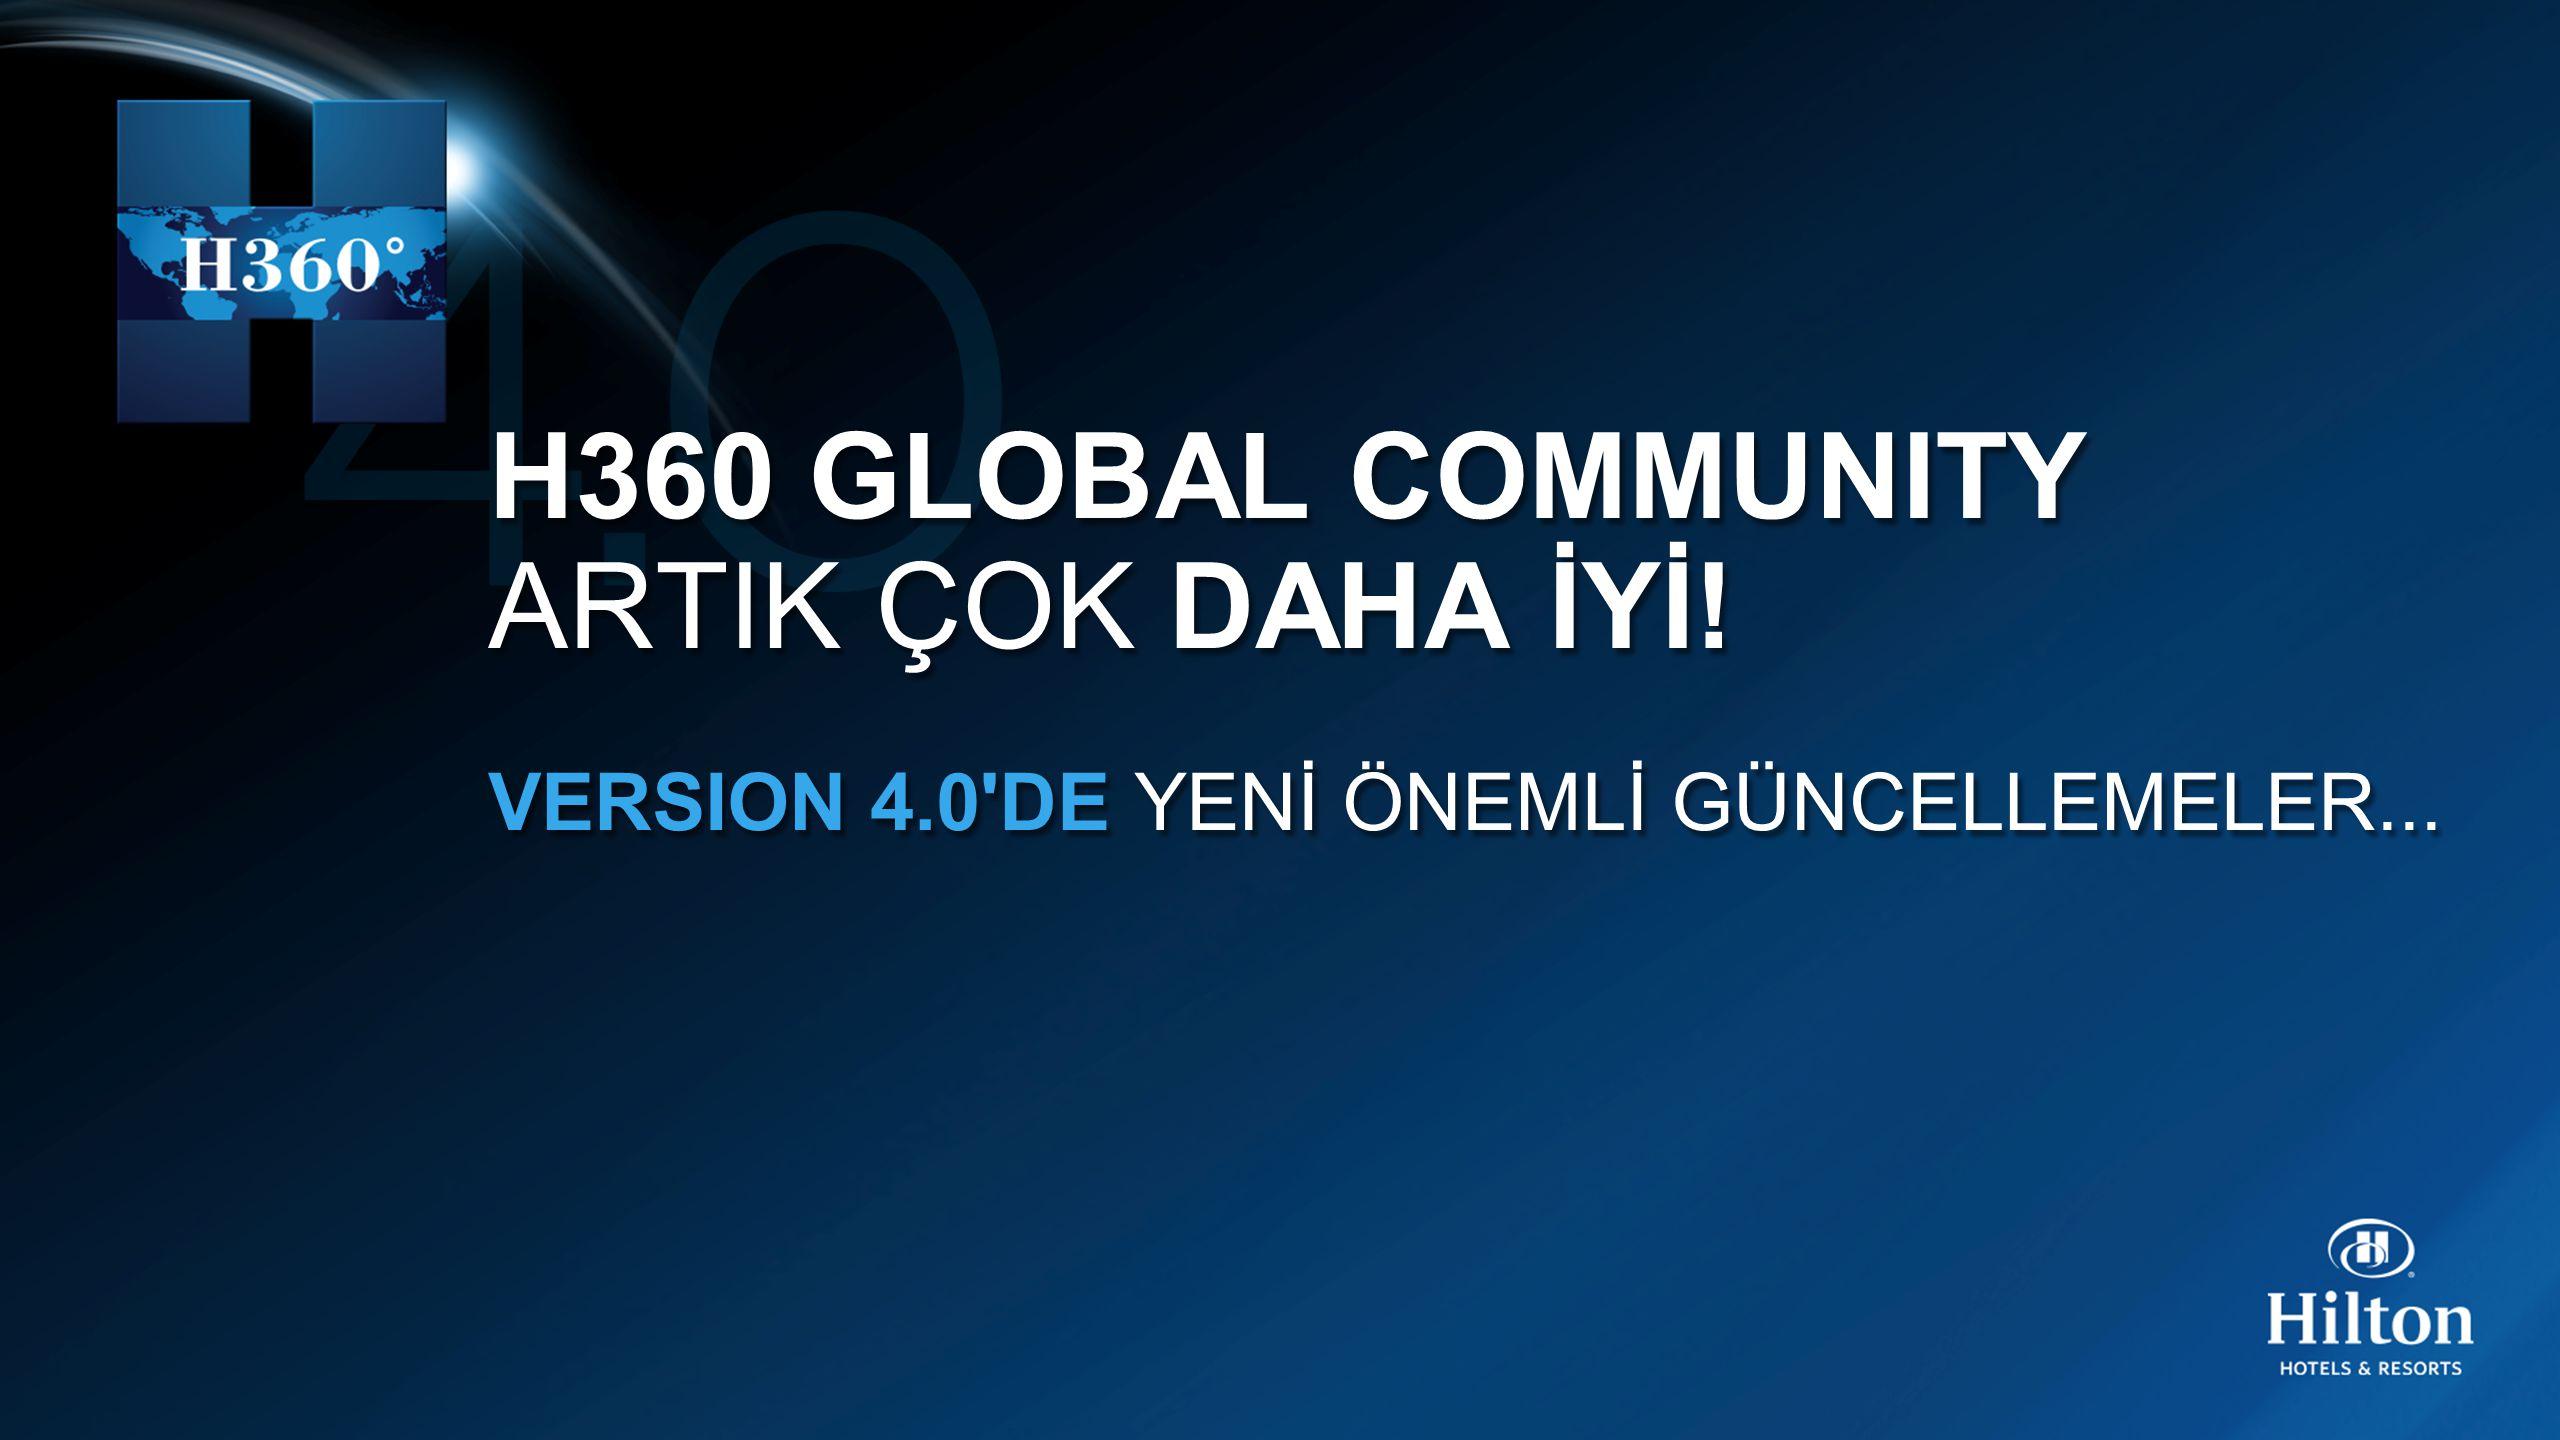 H360 GLOBAL COMMUNITY ARTIK ÇOK DAHA İYİ! VERSION 4.0'DE YENİ ÖNEMLİ GÜNCELLEMELER... H360 GLOBAL COMMUNITY ARTIK ÇOK DAHA İYİ! VERSION 4.0'DE YENİ ÖN